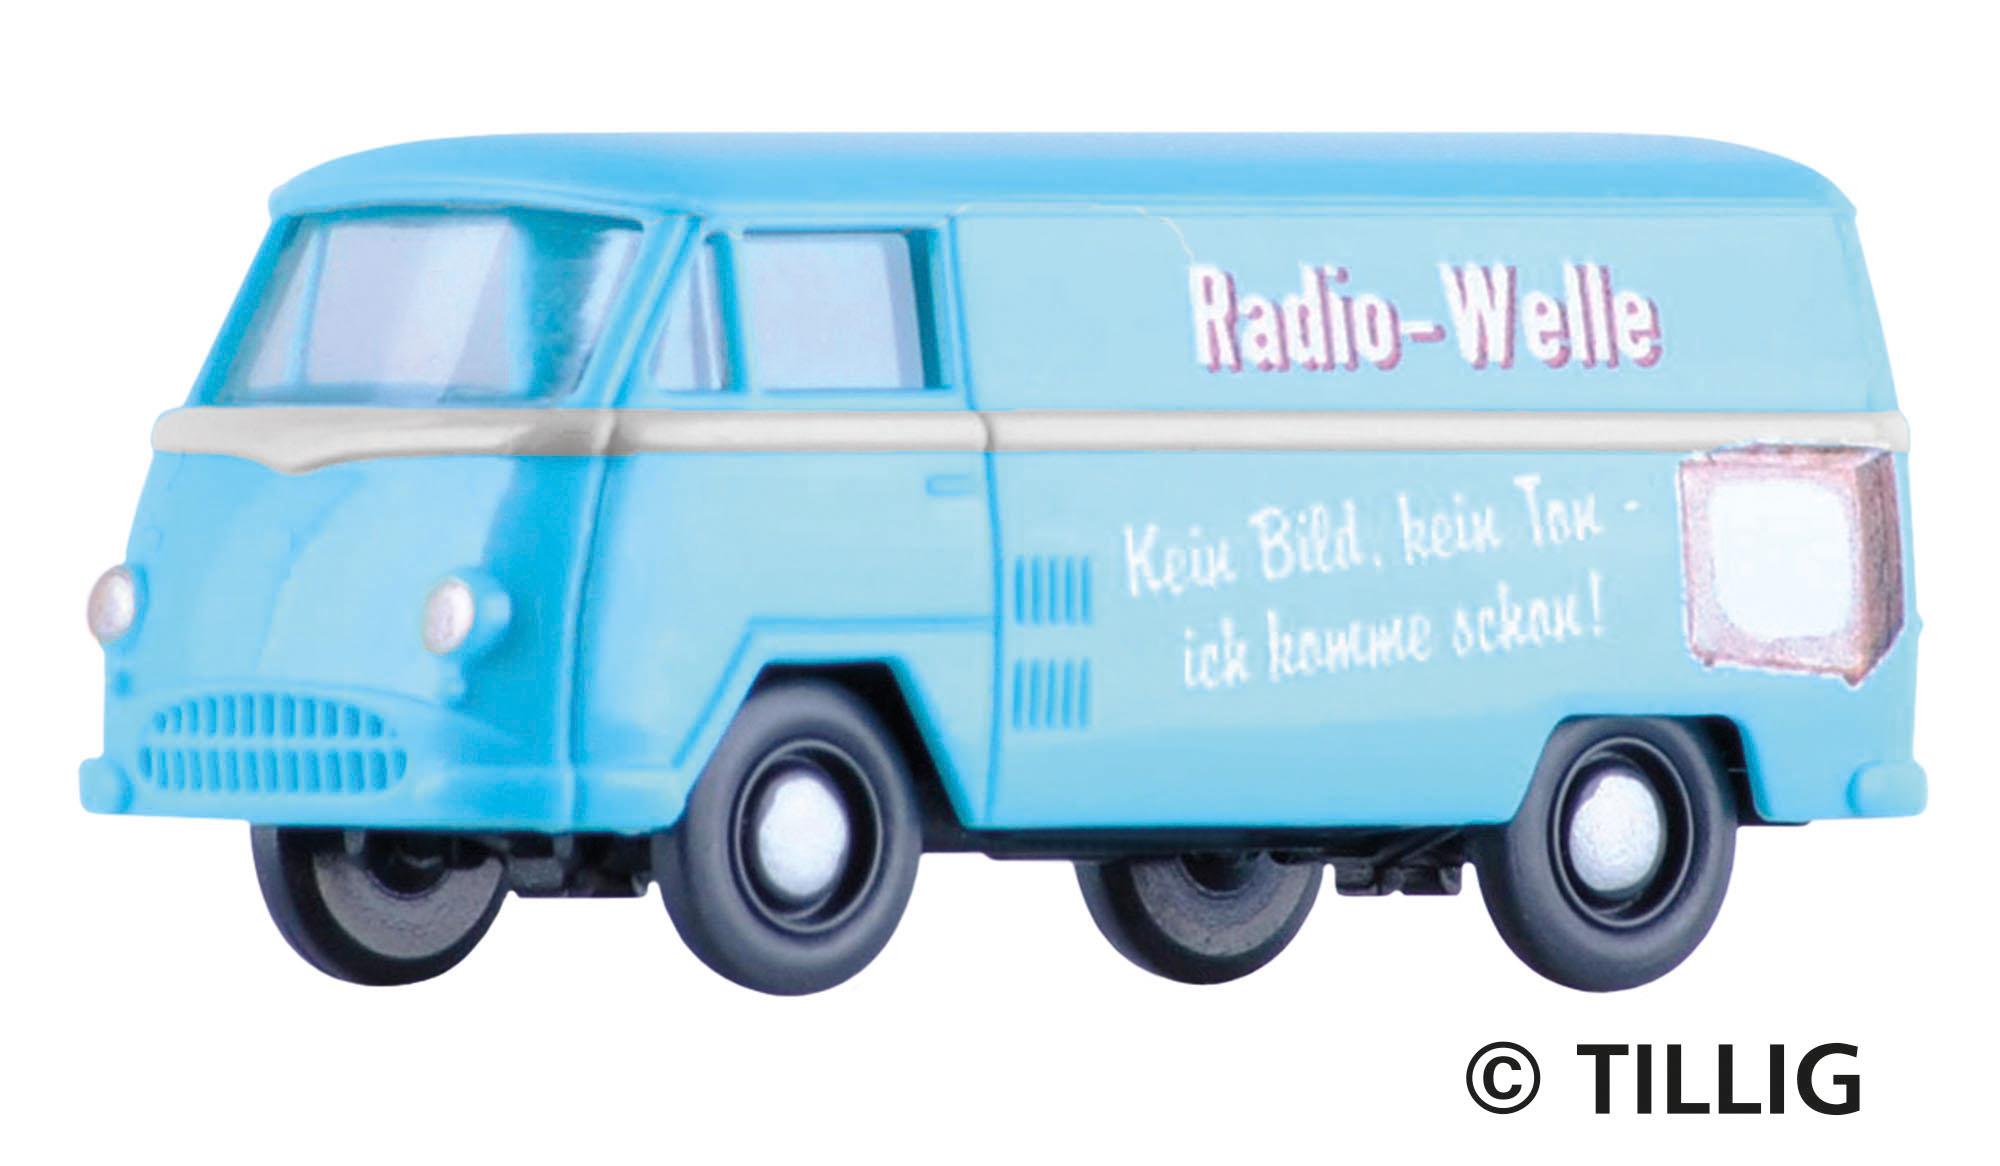 Tillig TT Matador Radio-Welle